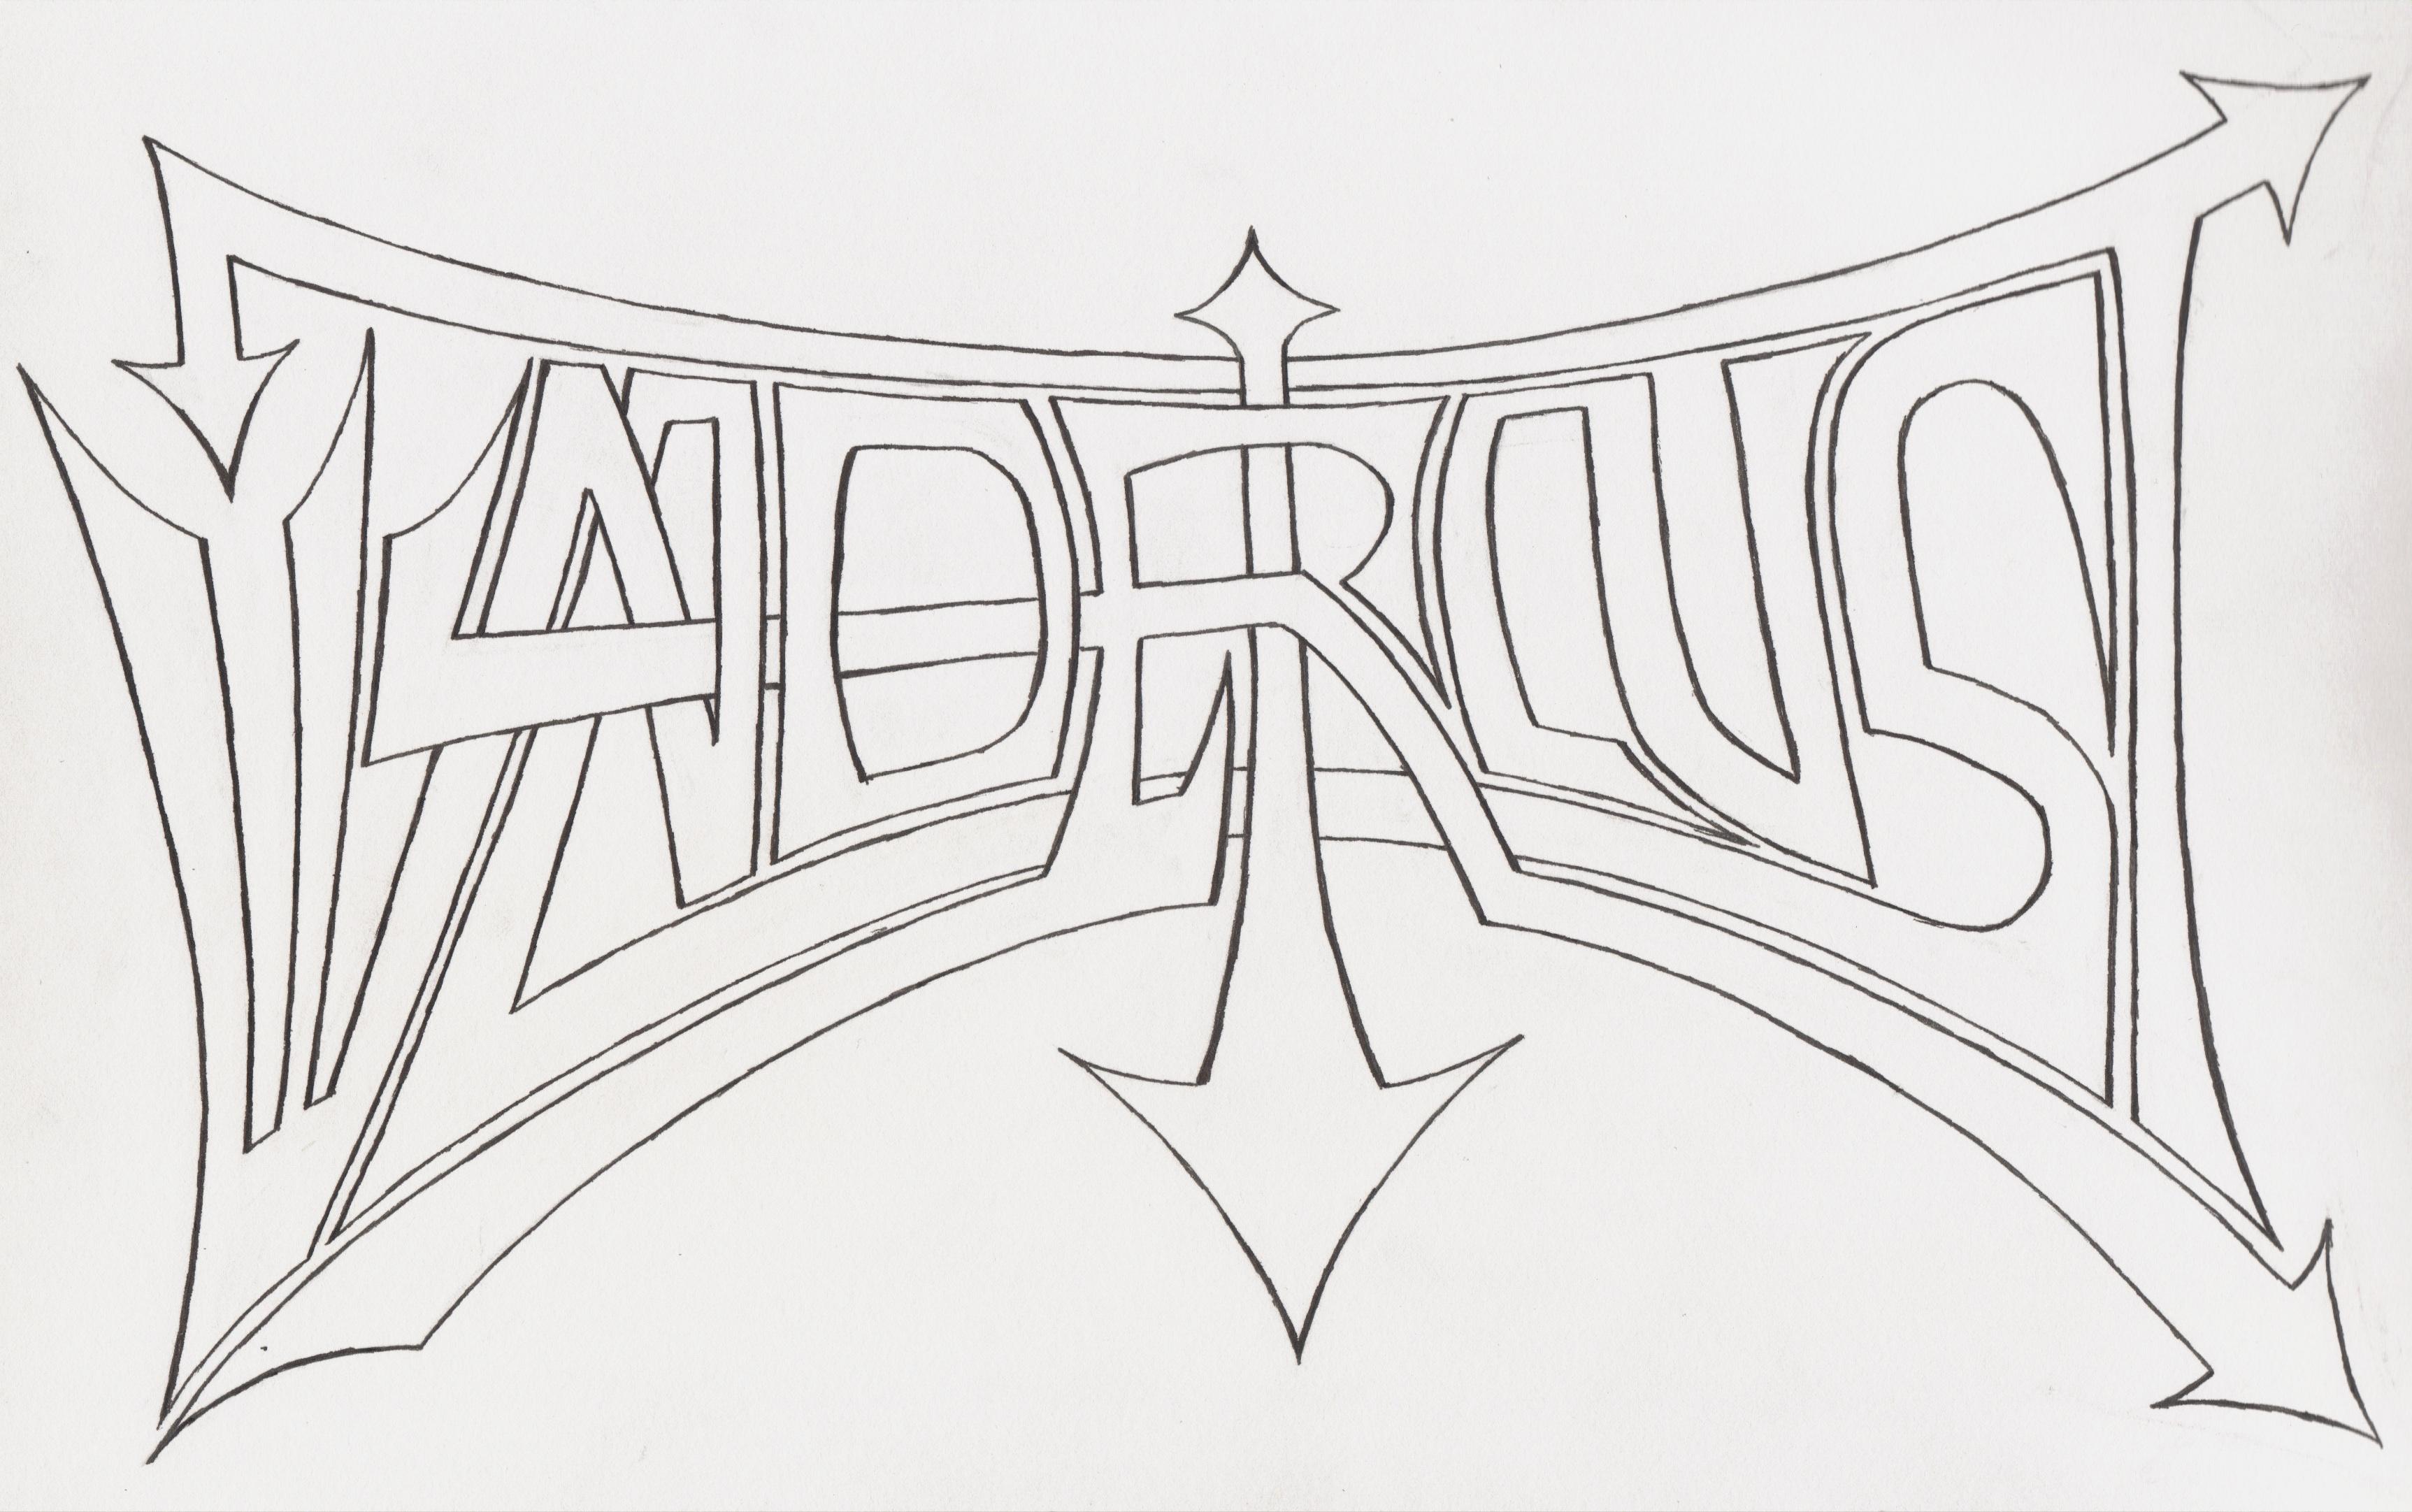 Wanderlust Graphic-Ink